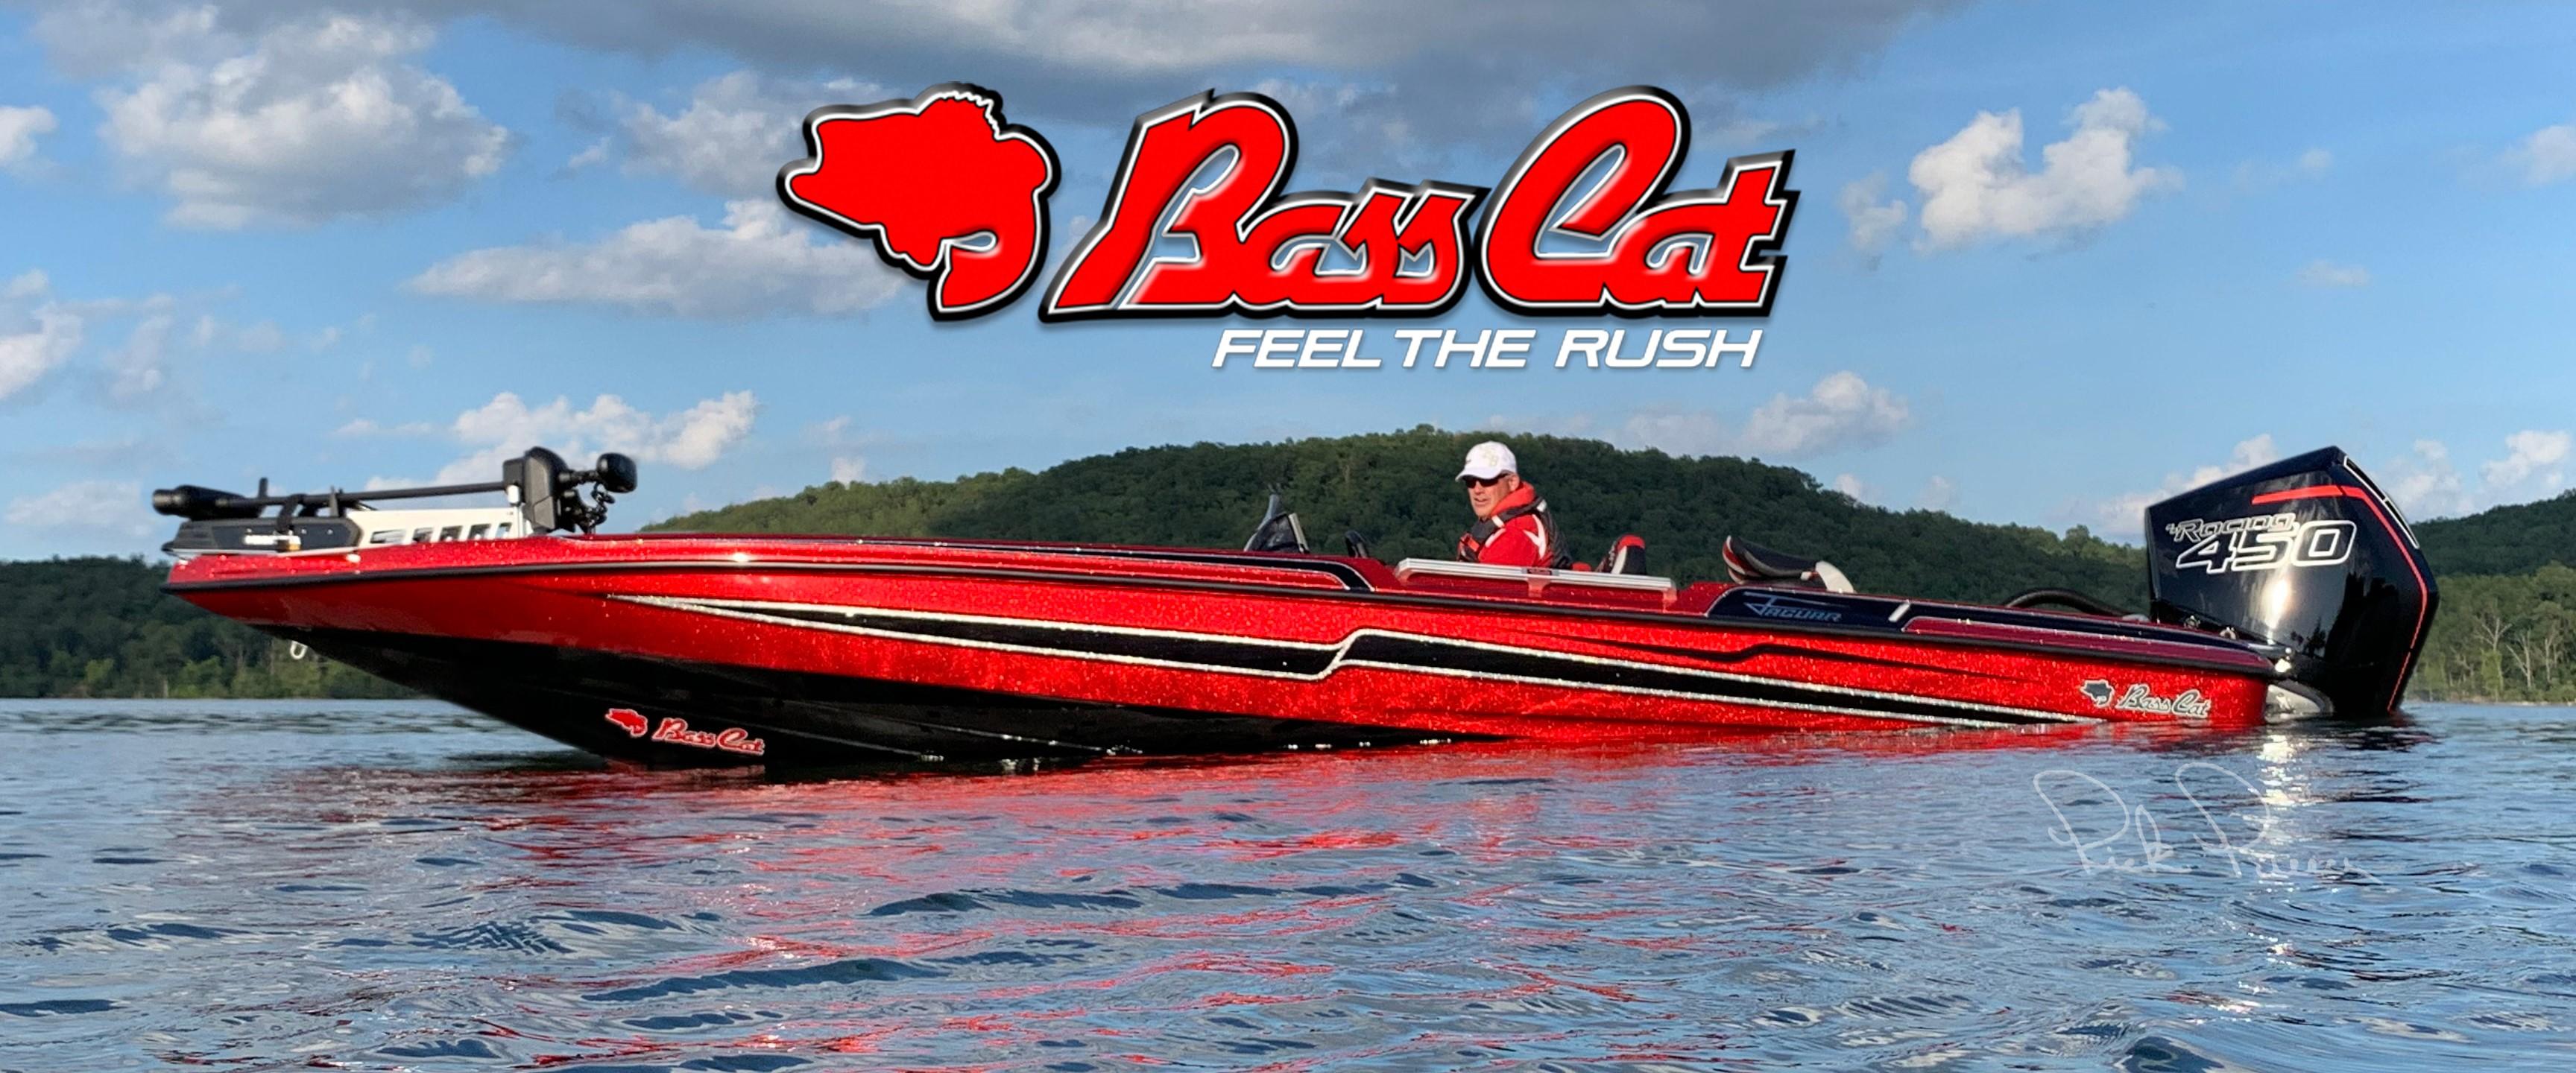 BASS CAT INTRODUCES 22' JAGUAR WITH MAXIMUM PERFORMANCE AND